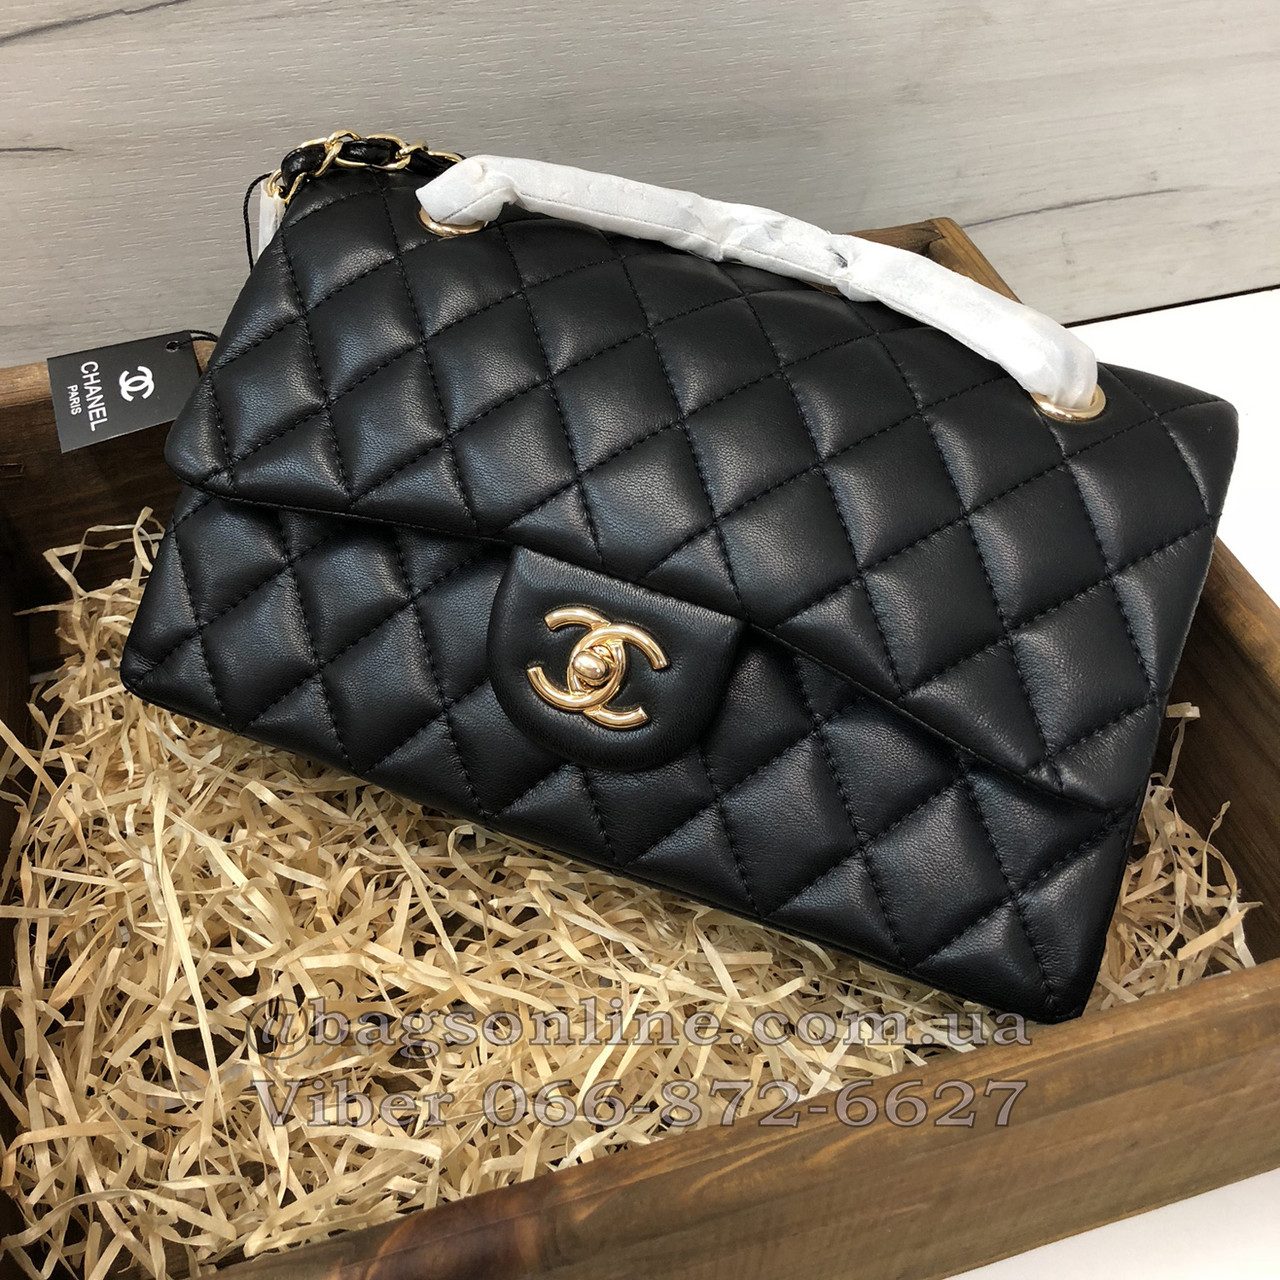 Сумка реплика Chanel Classic Flap Bag 25см   копия шанель флап натуральная  кожа Черный - BagsOnline e3099c017b4